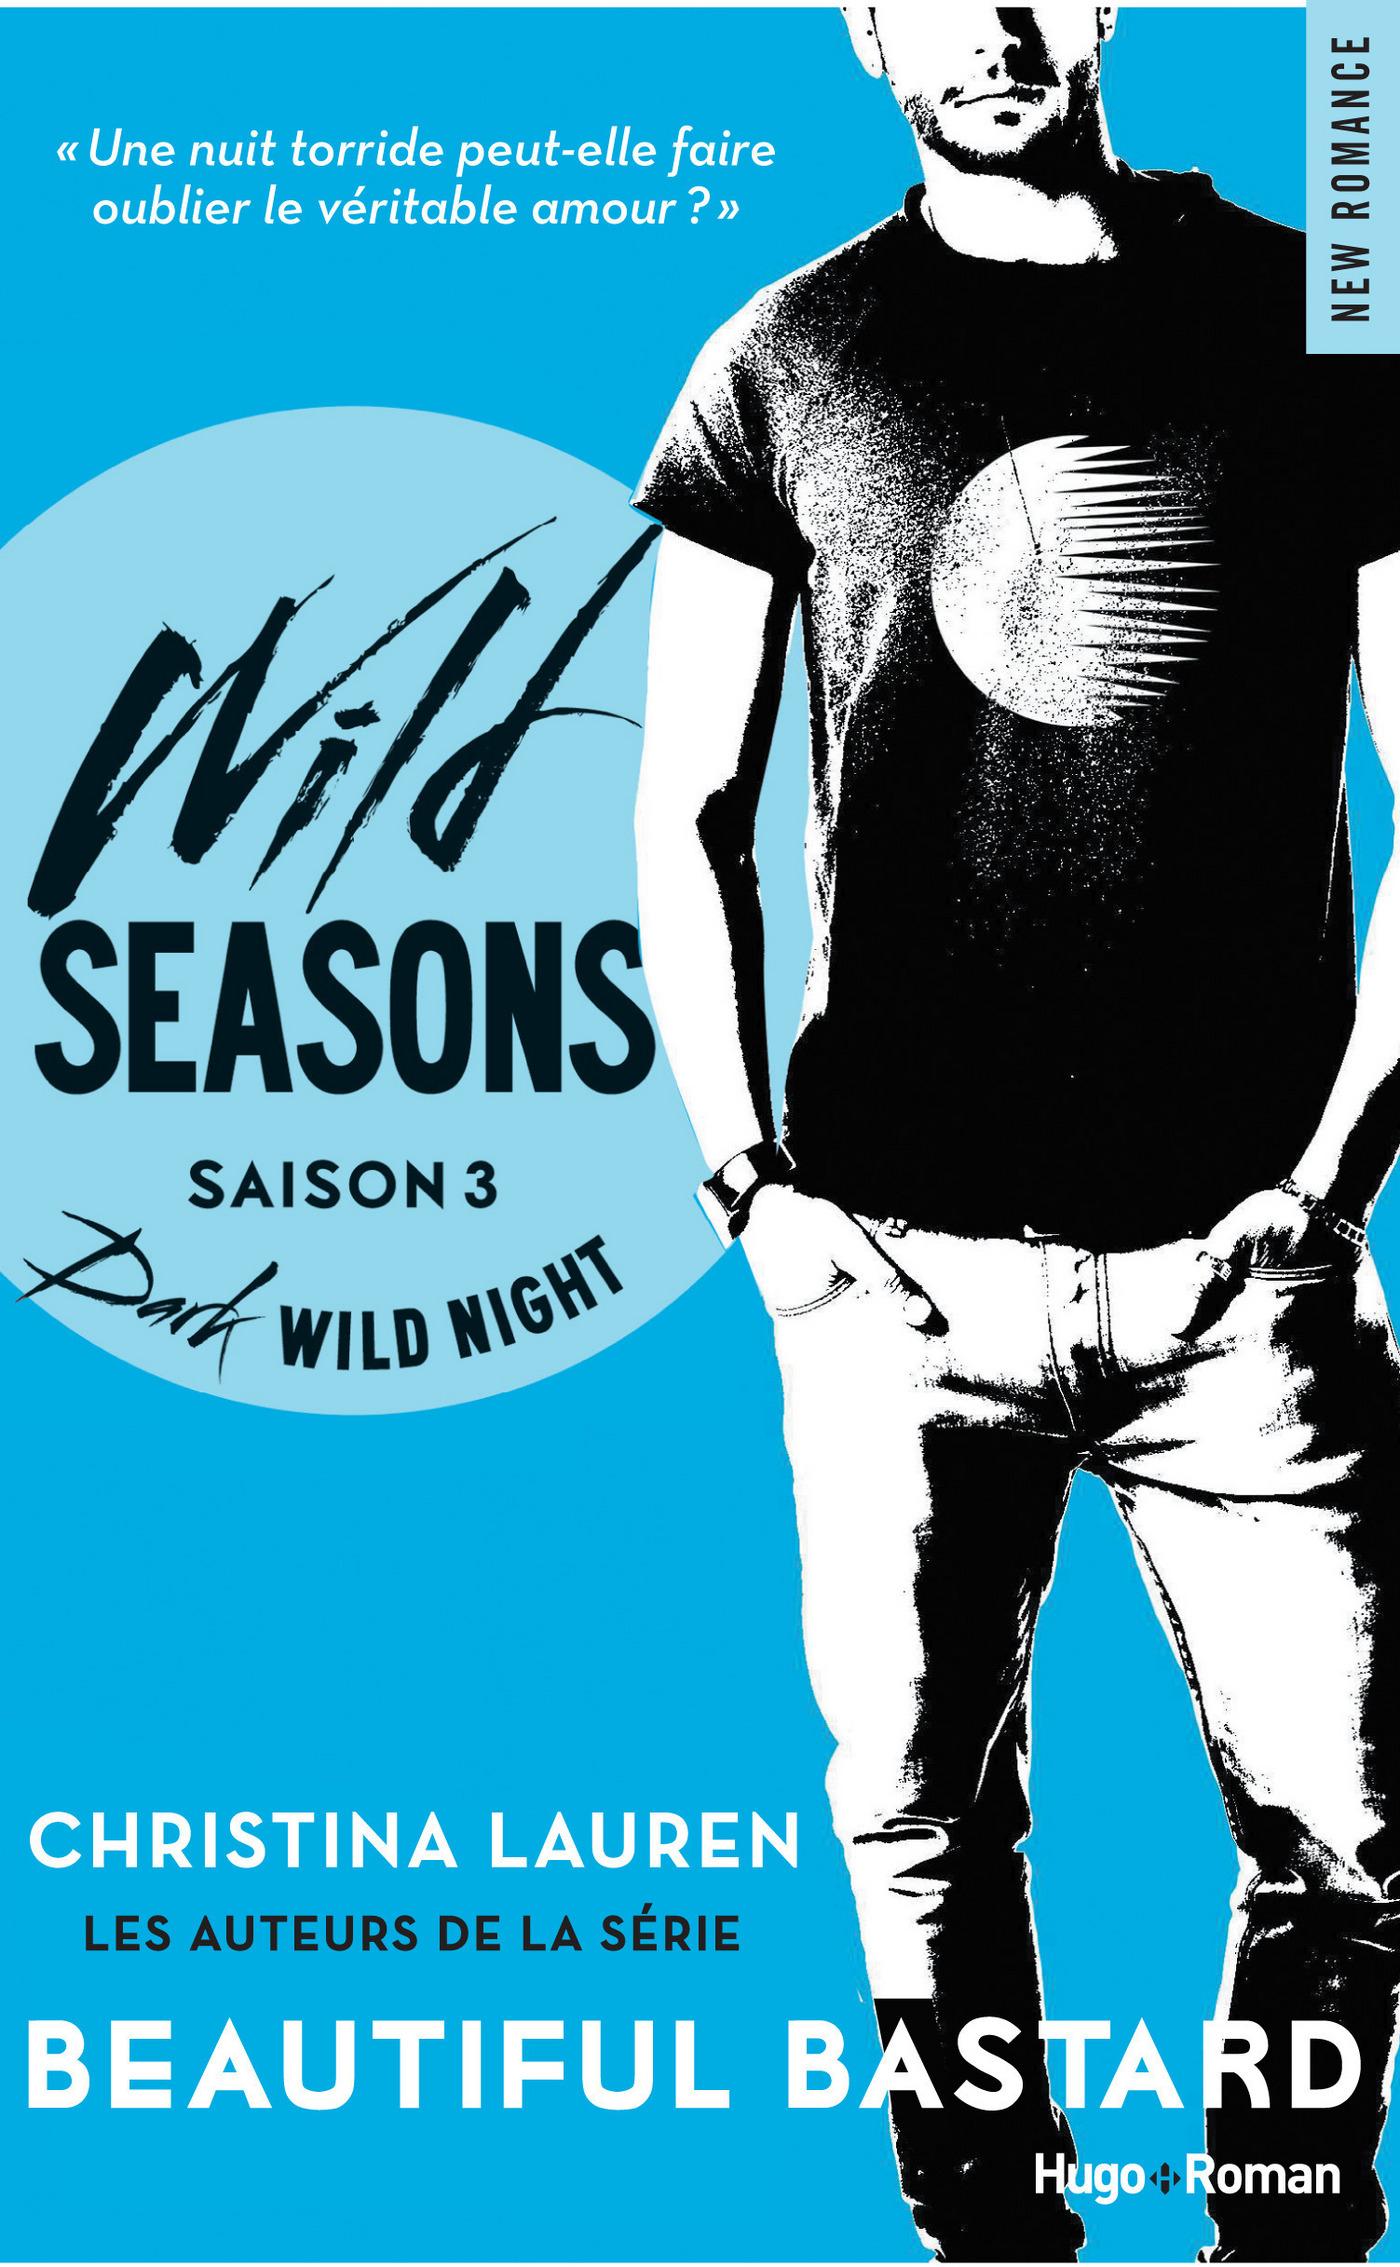 Wild Seasons Saison 3 Dark wild night (Extrait offert)